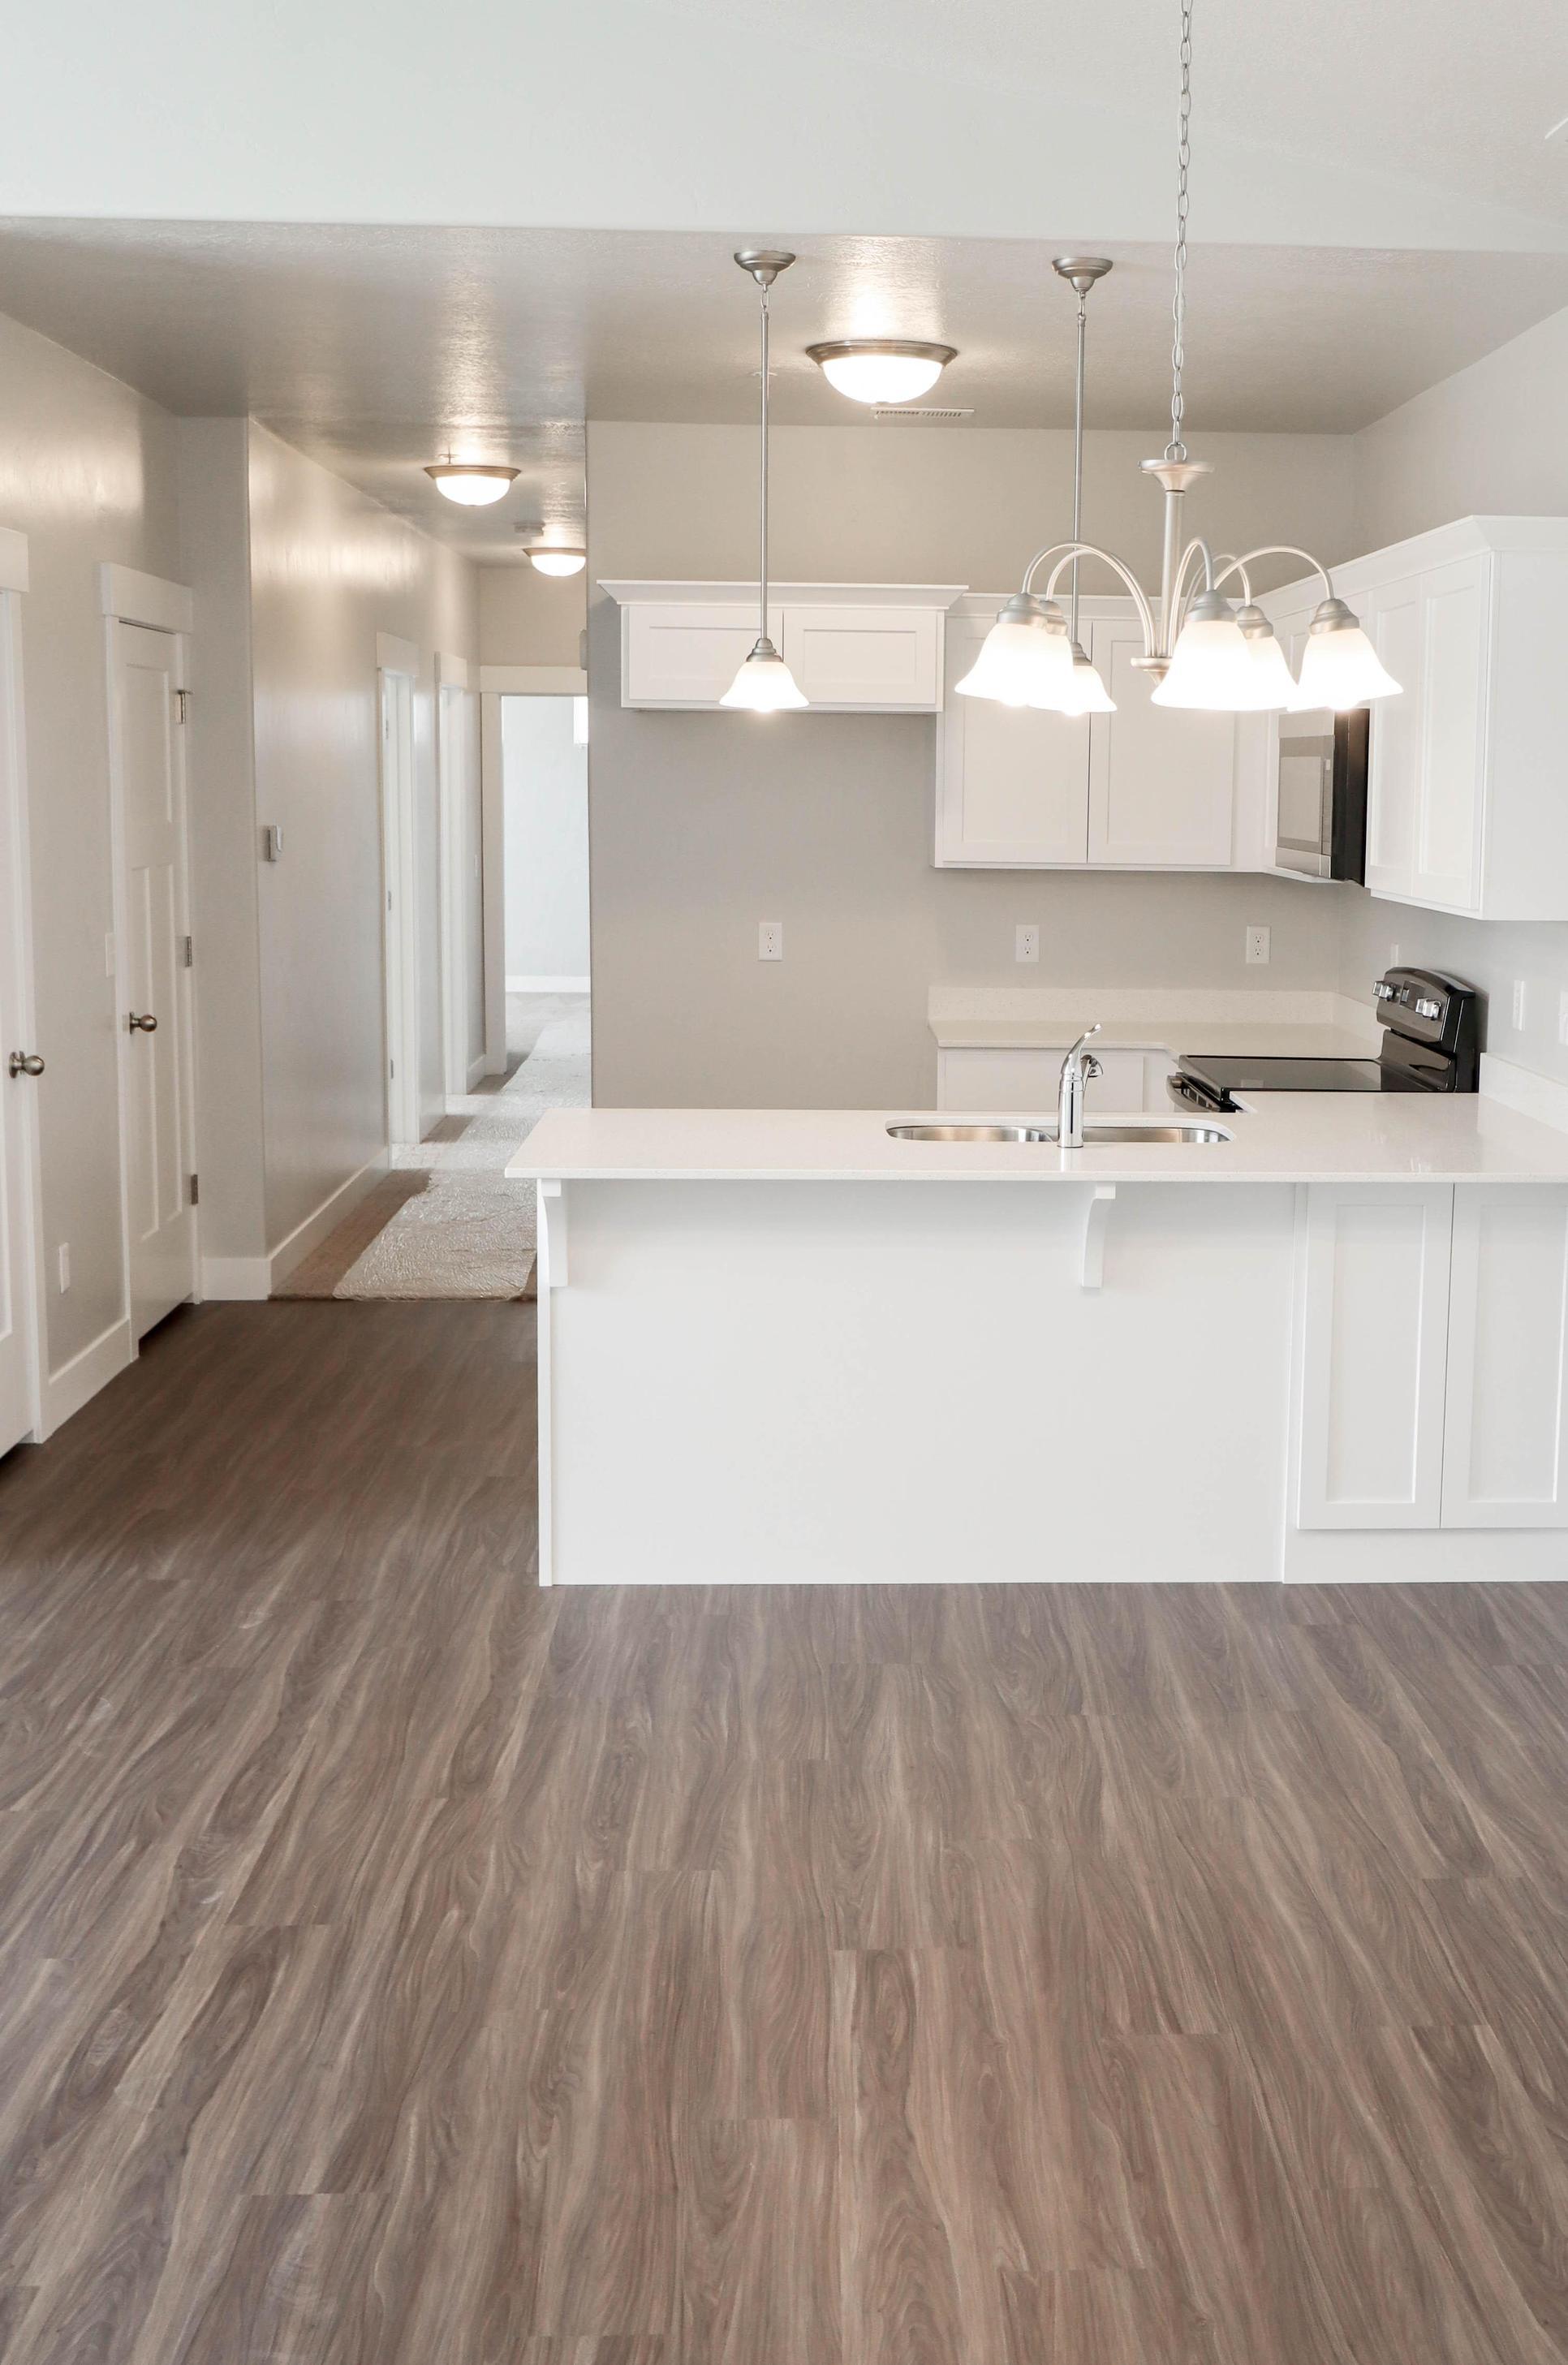 Condominium Third Level:Kitchen